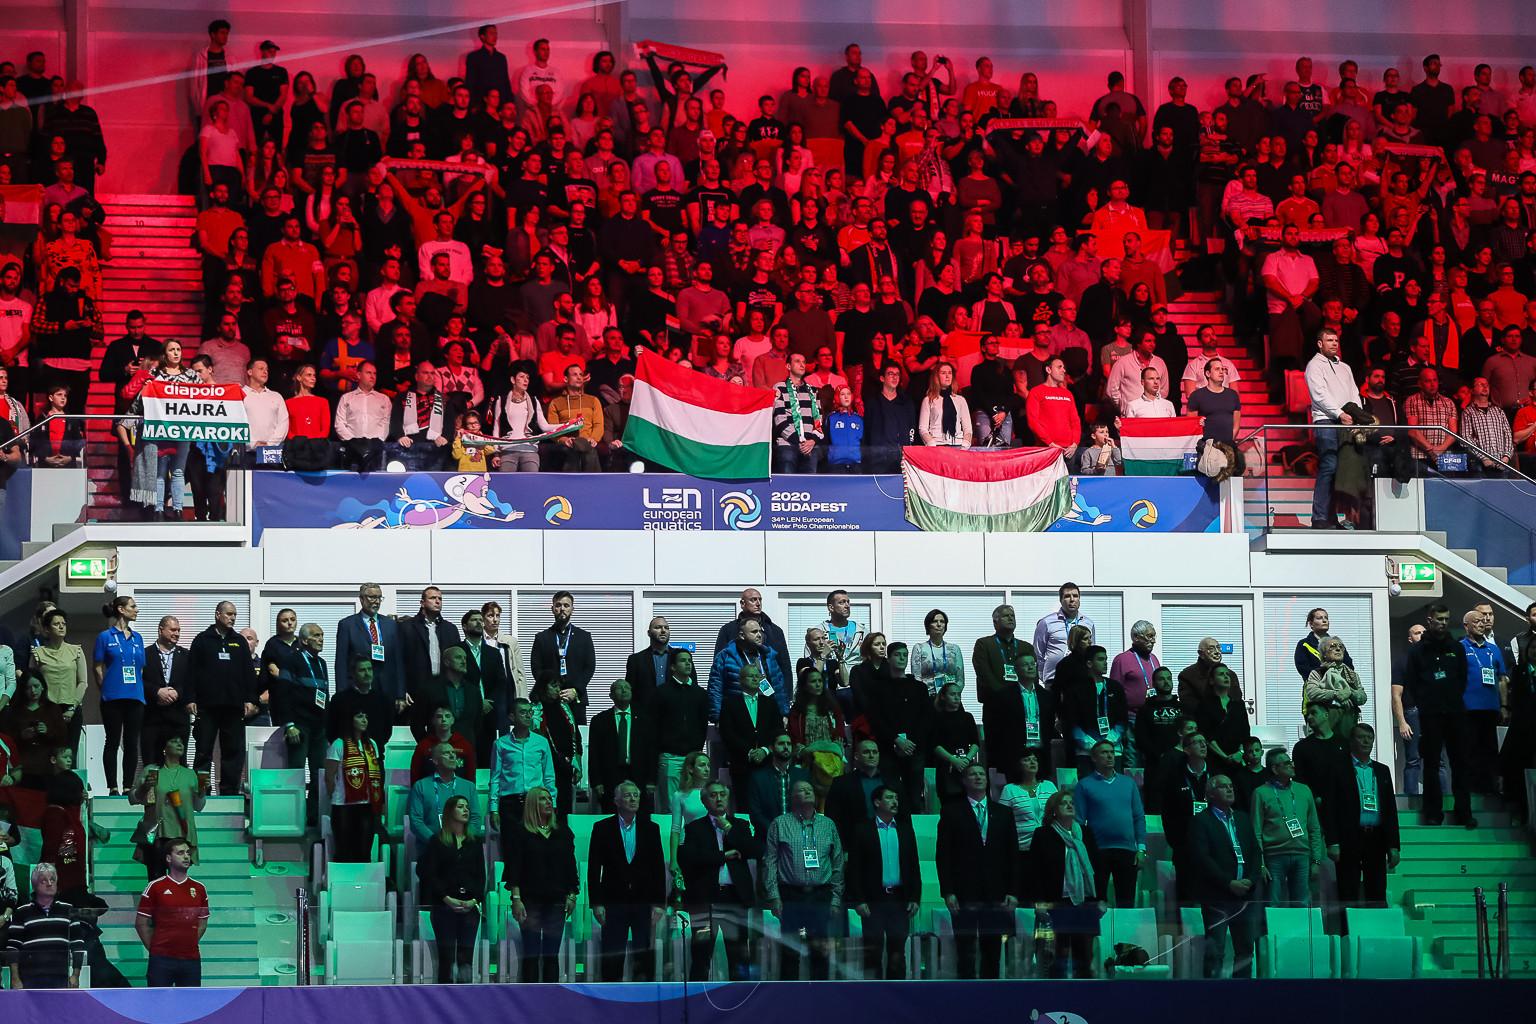 Szurkolók a lelátón nemzeti színnel megvilágítva